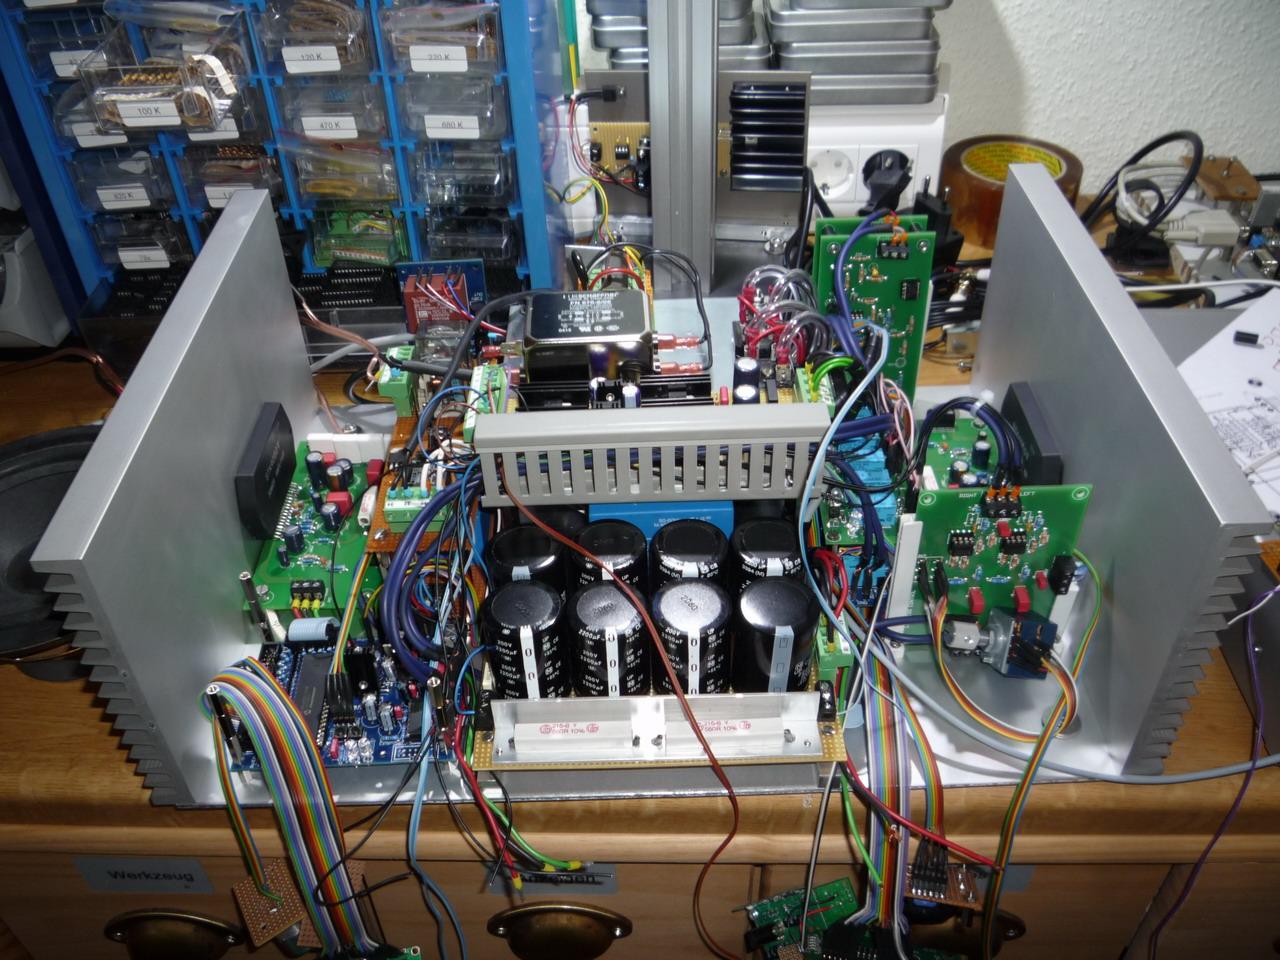 Projekt Mein Wohnzimmerverstrker Stk4050 Audio Amplifier With 200w Output Amp7